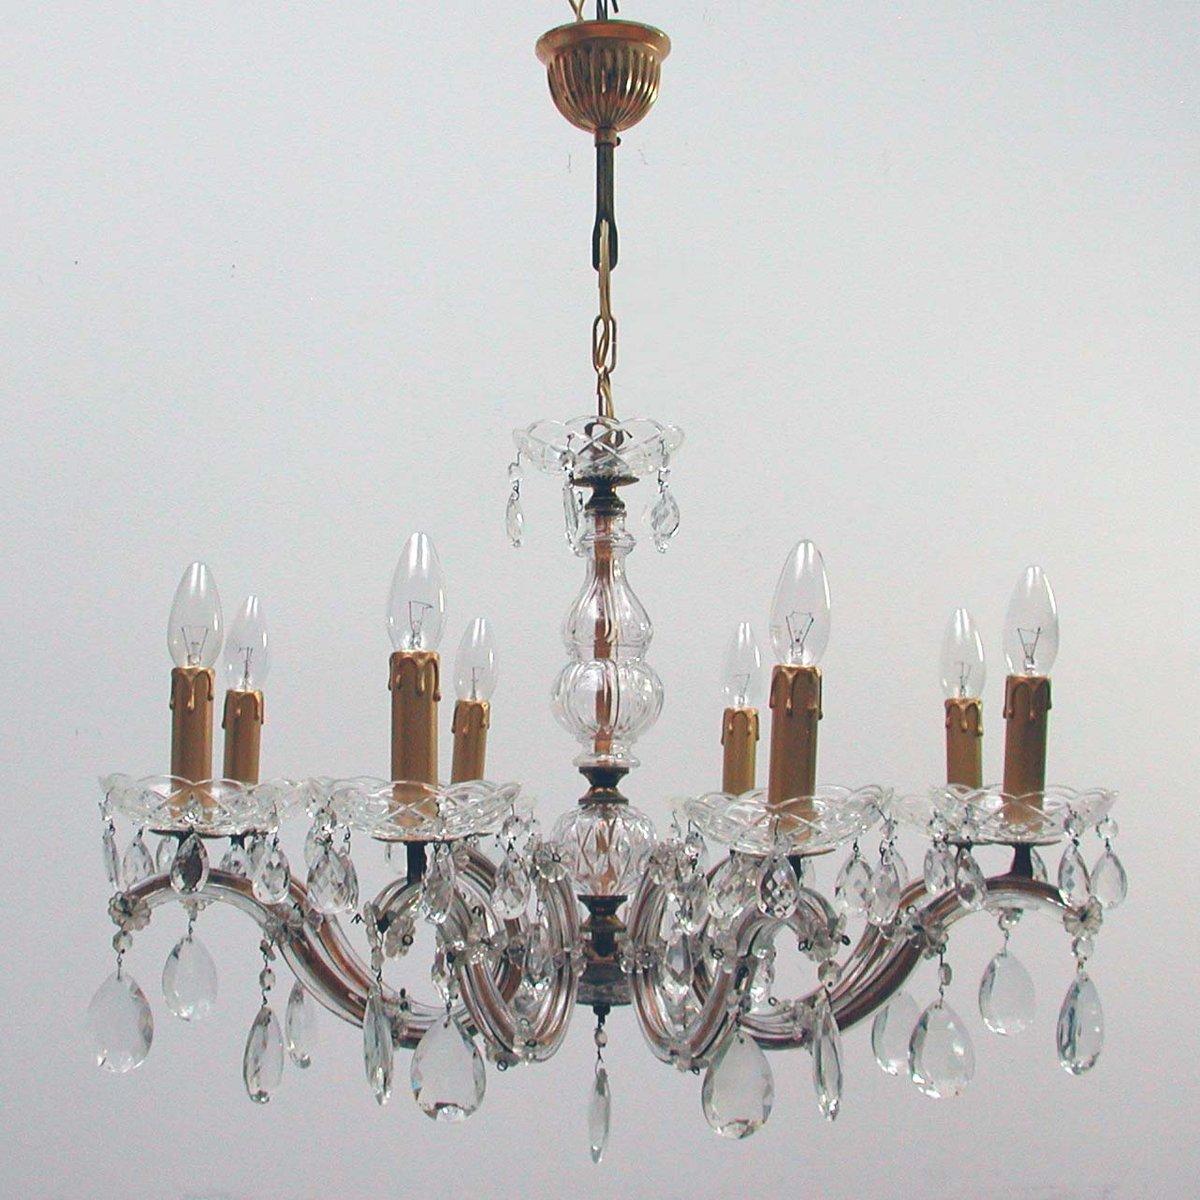 Italienischer Kronleuchter mit 8- Leuchten aus Messing & Kristall, 195...